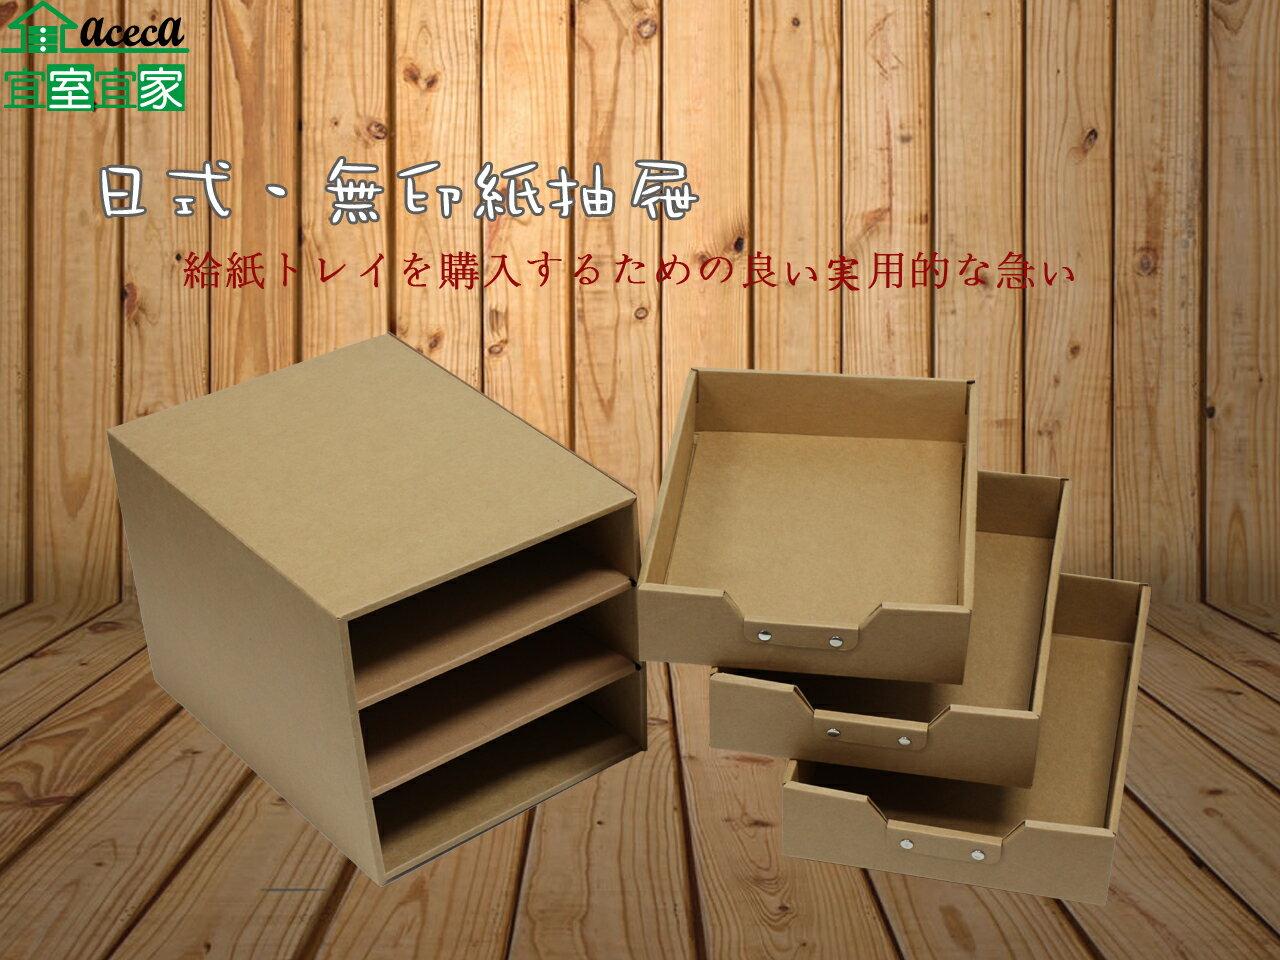 紙抽屜 收納盒 置物盒 整理箱 置物箱 雜物小物零食糖果餅乾 MIT DIY【宜室宜家AP03】